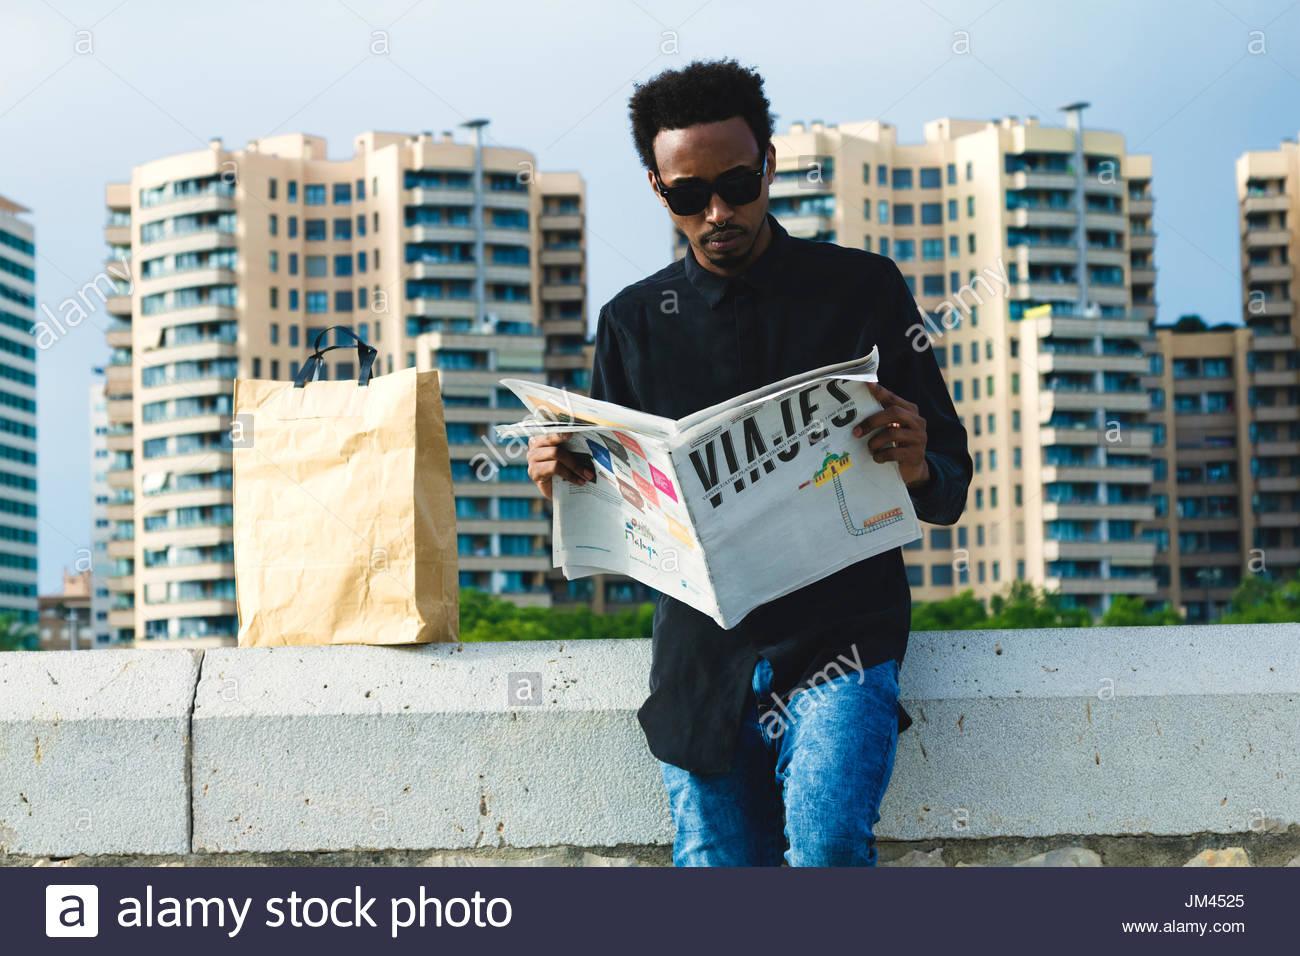 Joven afro en españa - Stock Image